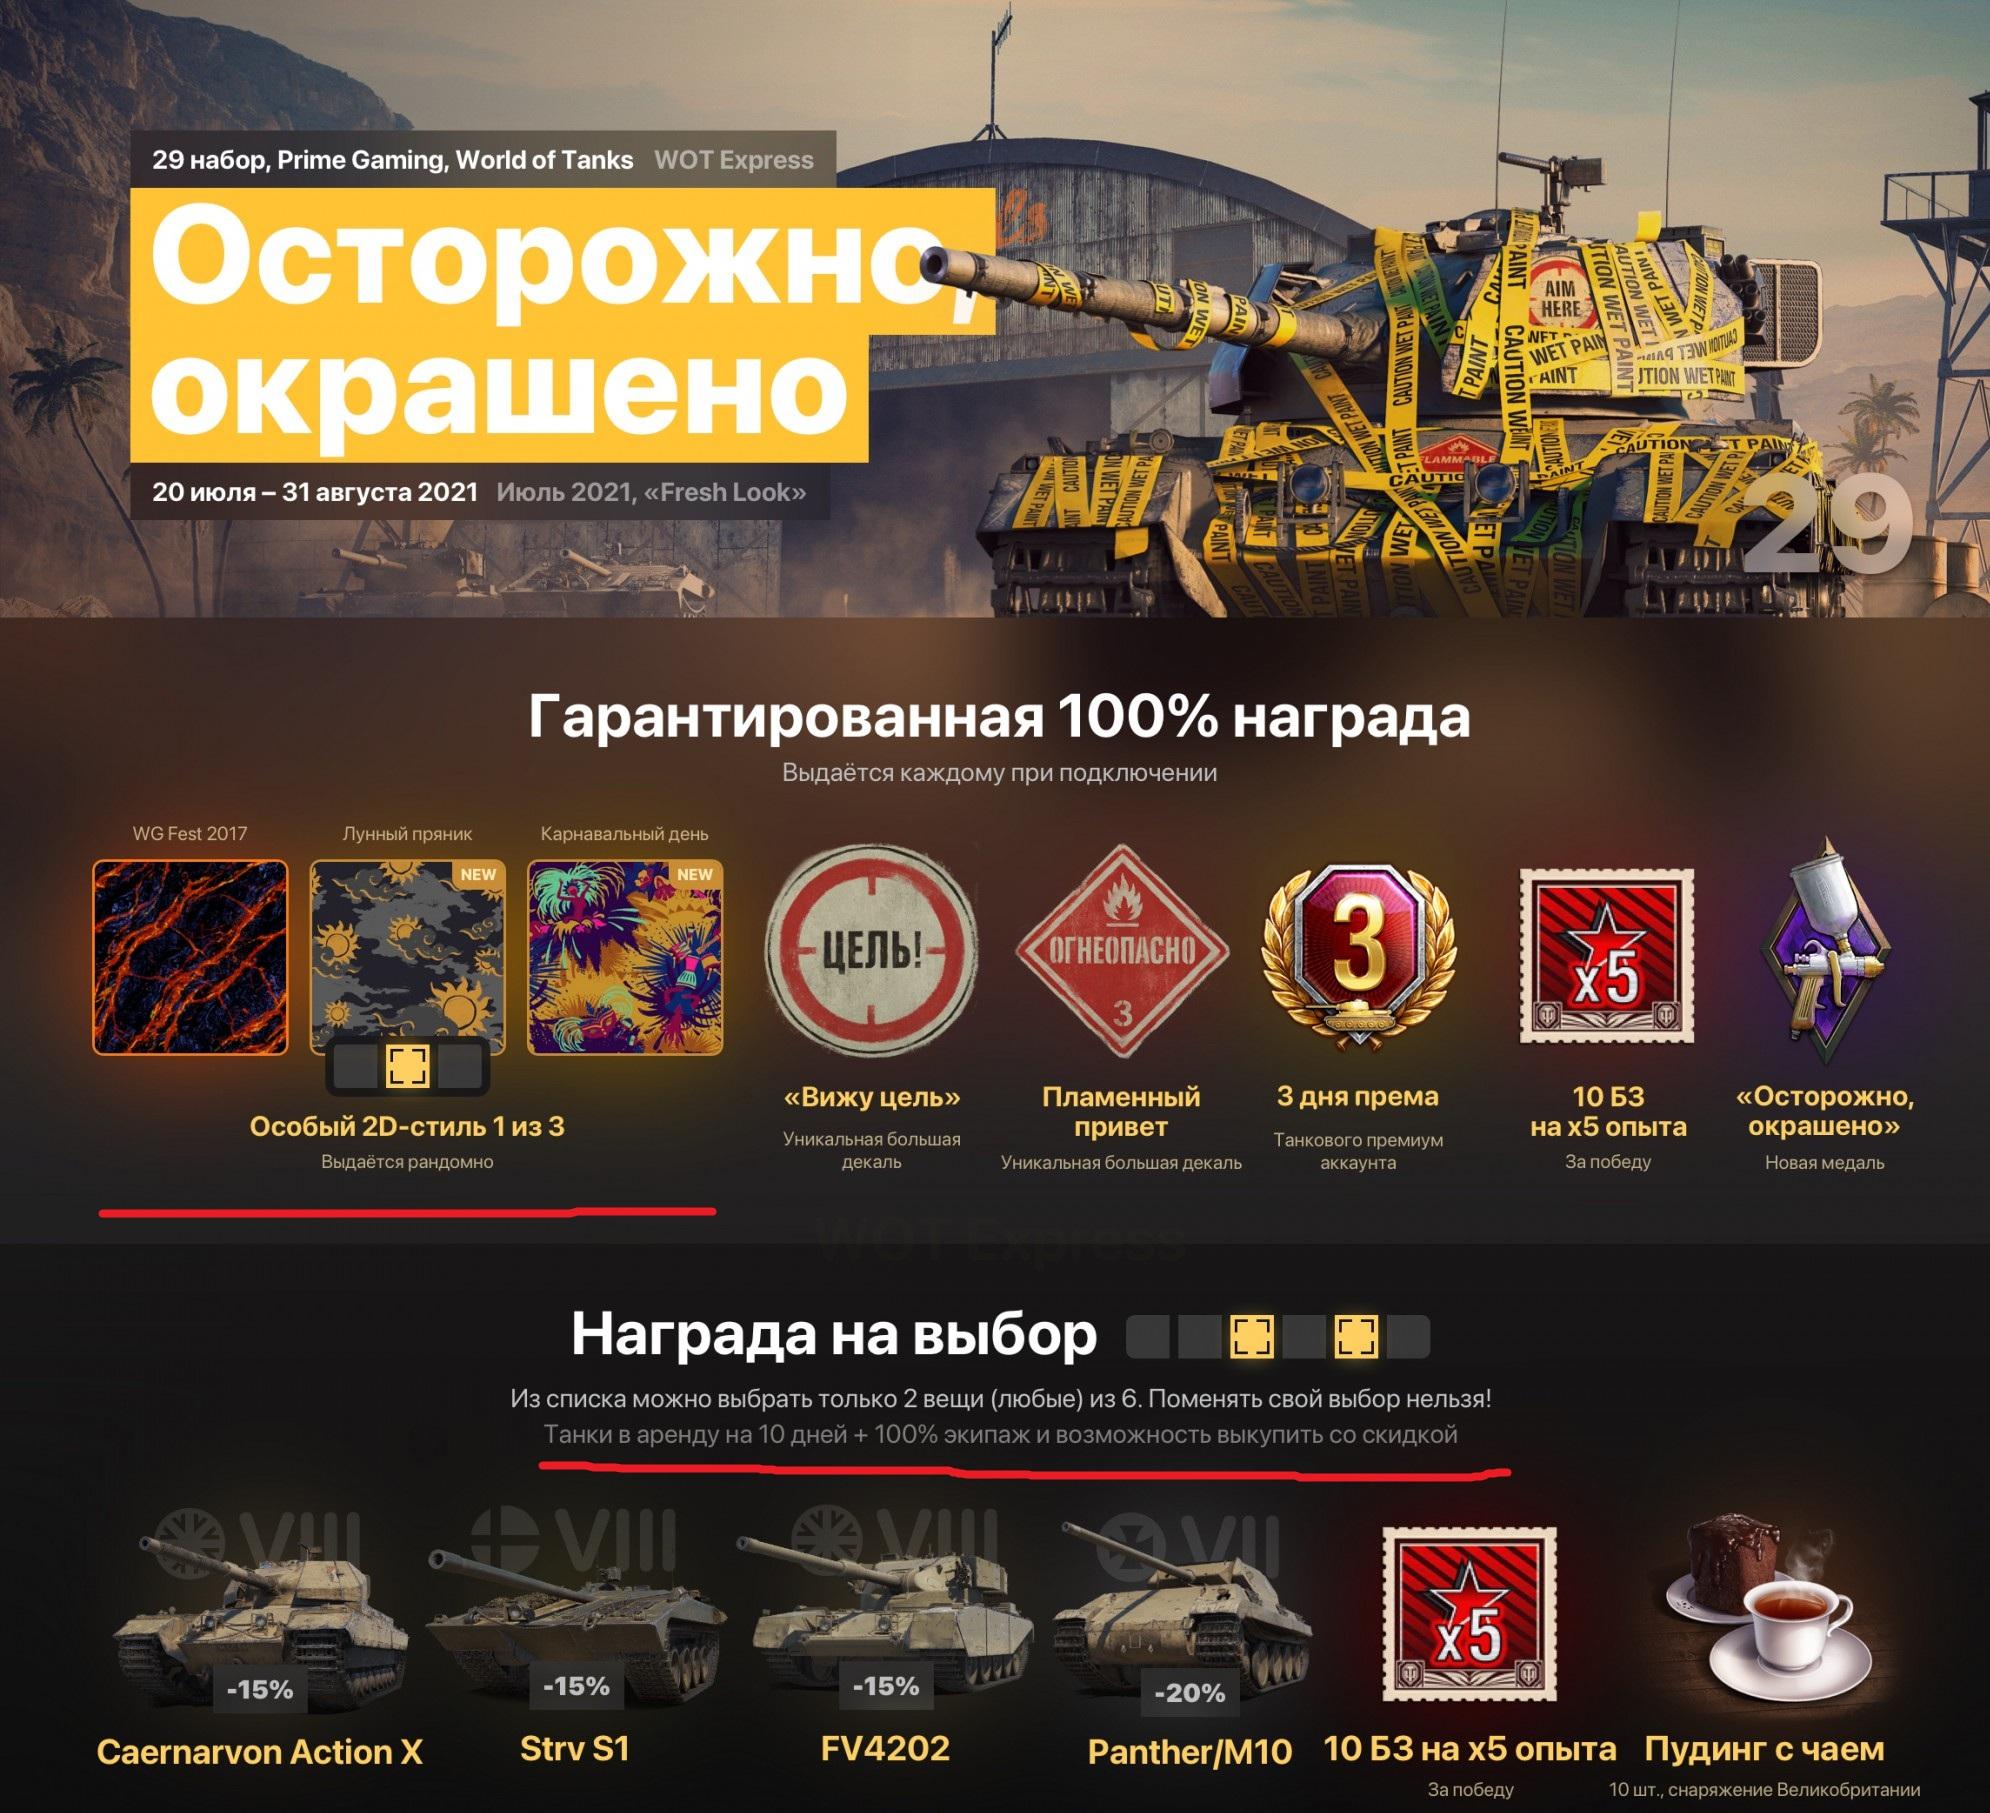 Фотография world of tanks бесшумный охотник + осторожно окрашено